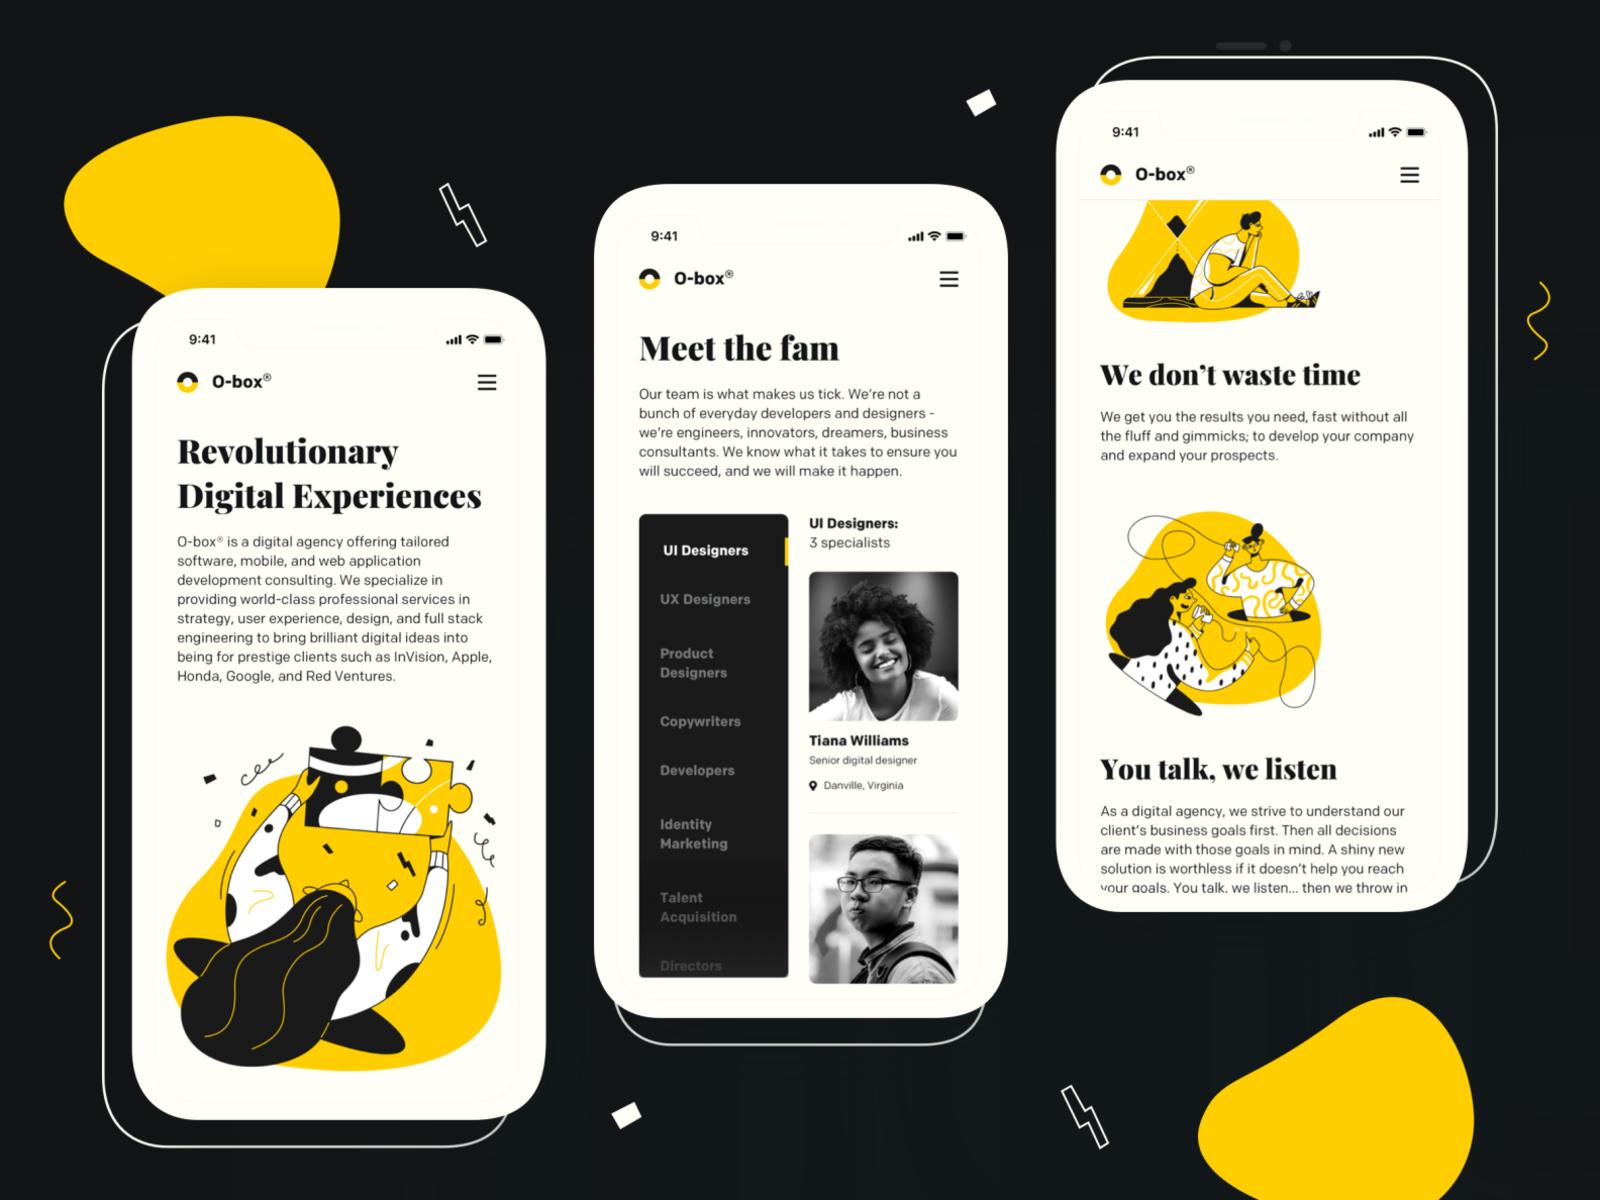 Week 22 - Design Agency Branding Concept